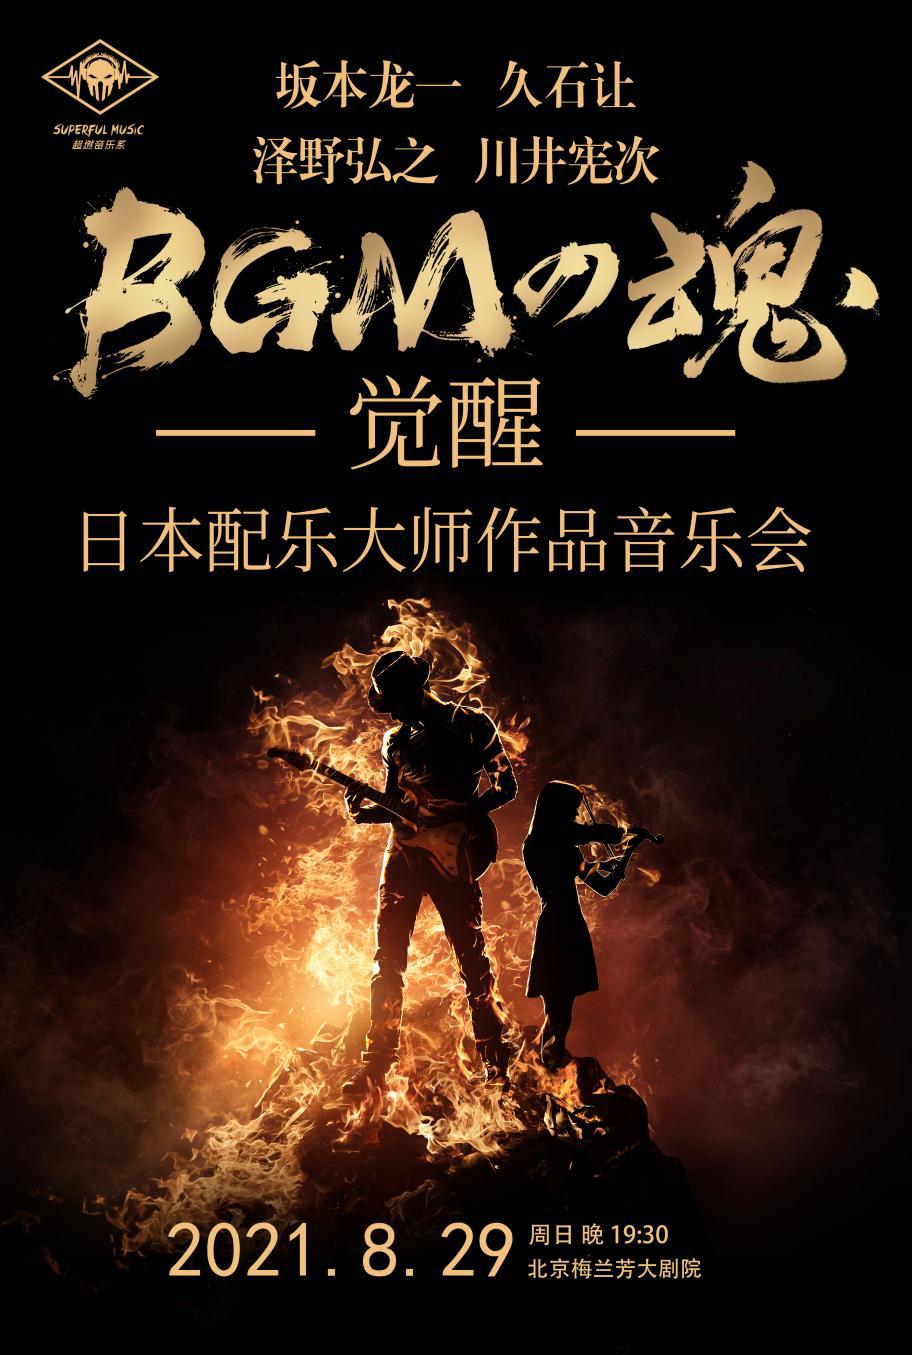 北京日本配乐大师BGM作品音乐会